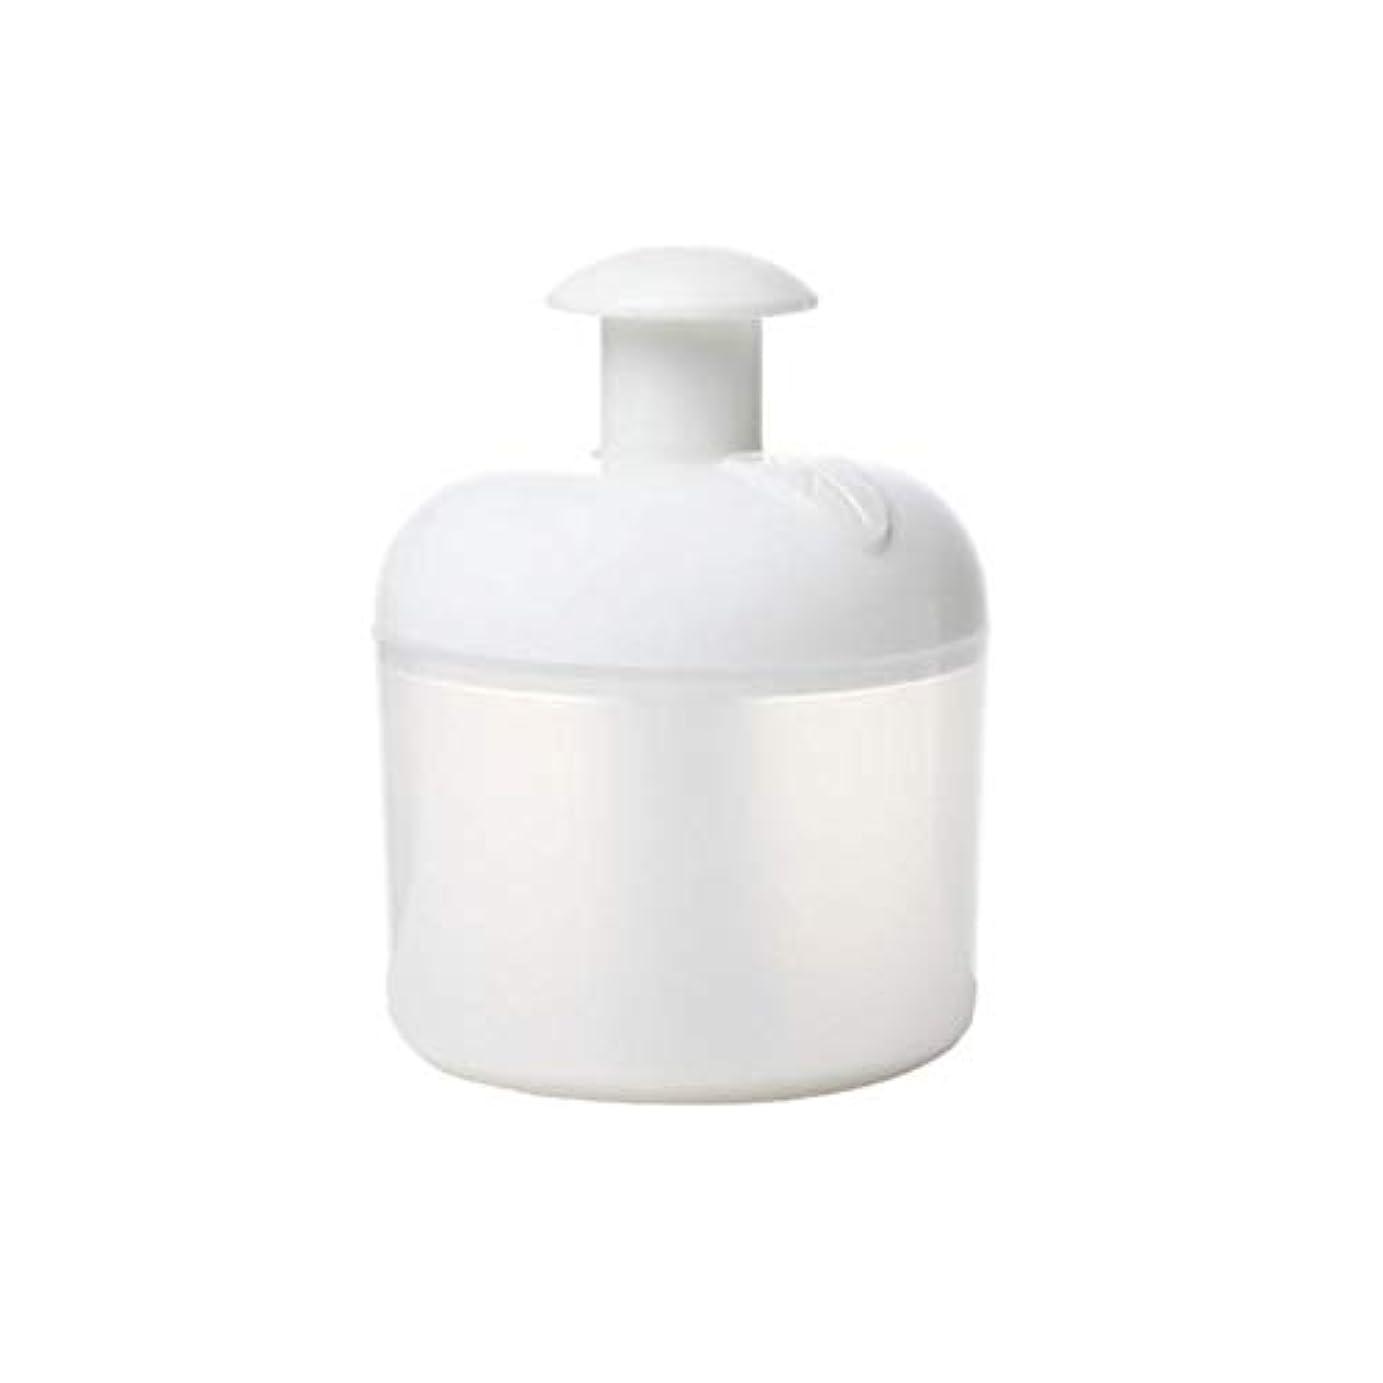 ディンカルビルインチ抑圧するマイクロバブルフォーマー - Dewin 洗顔泡立て器 洗顔ネット マイクロホイッパー クリーンツール 7倍の濃厚なバブル 美容グッズ